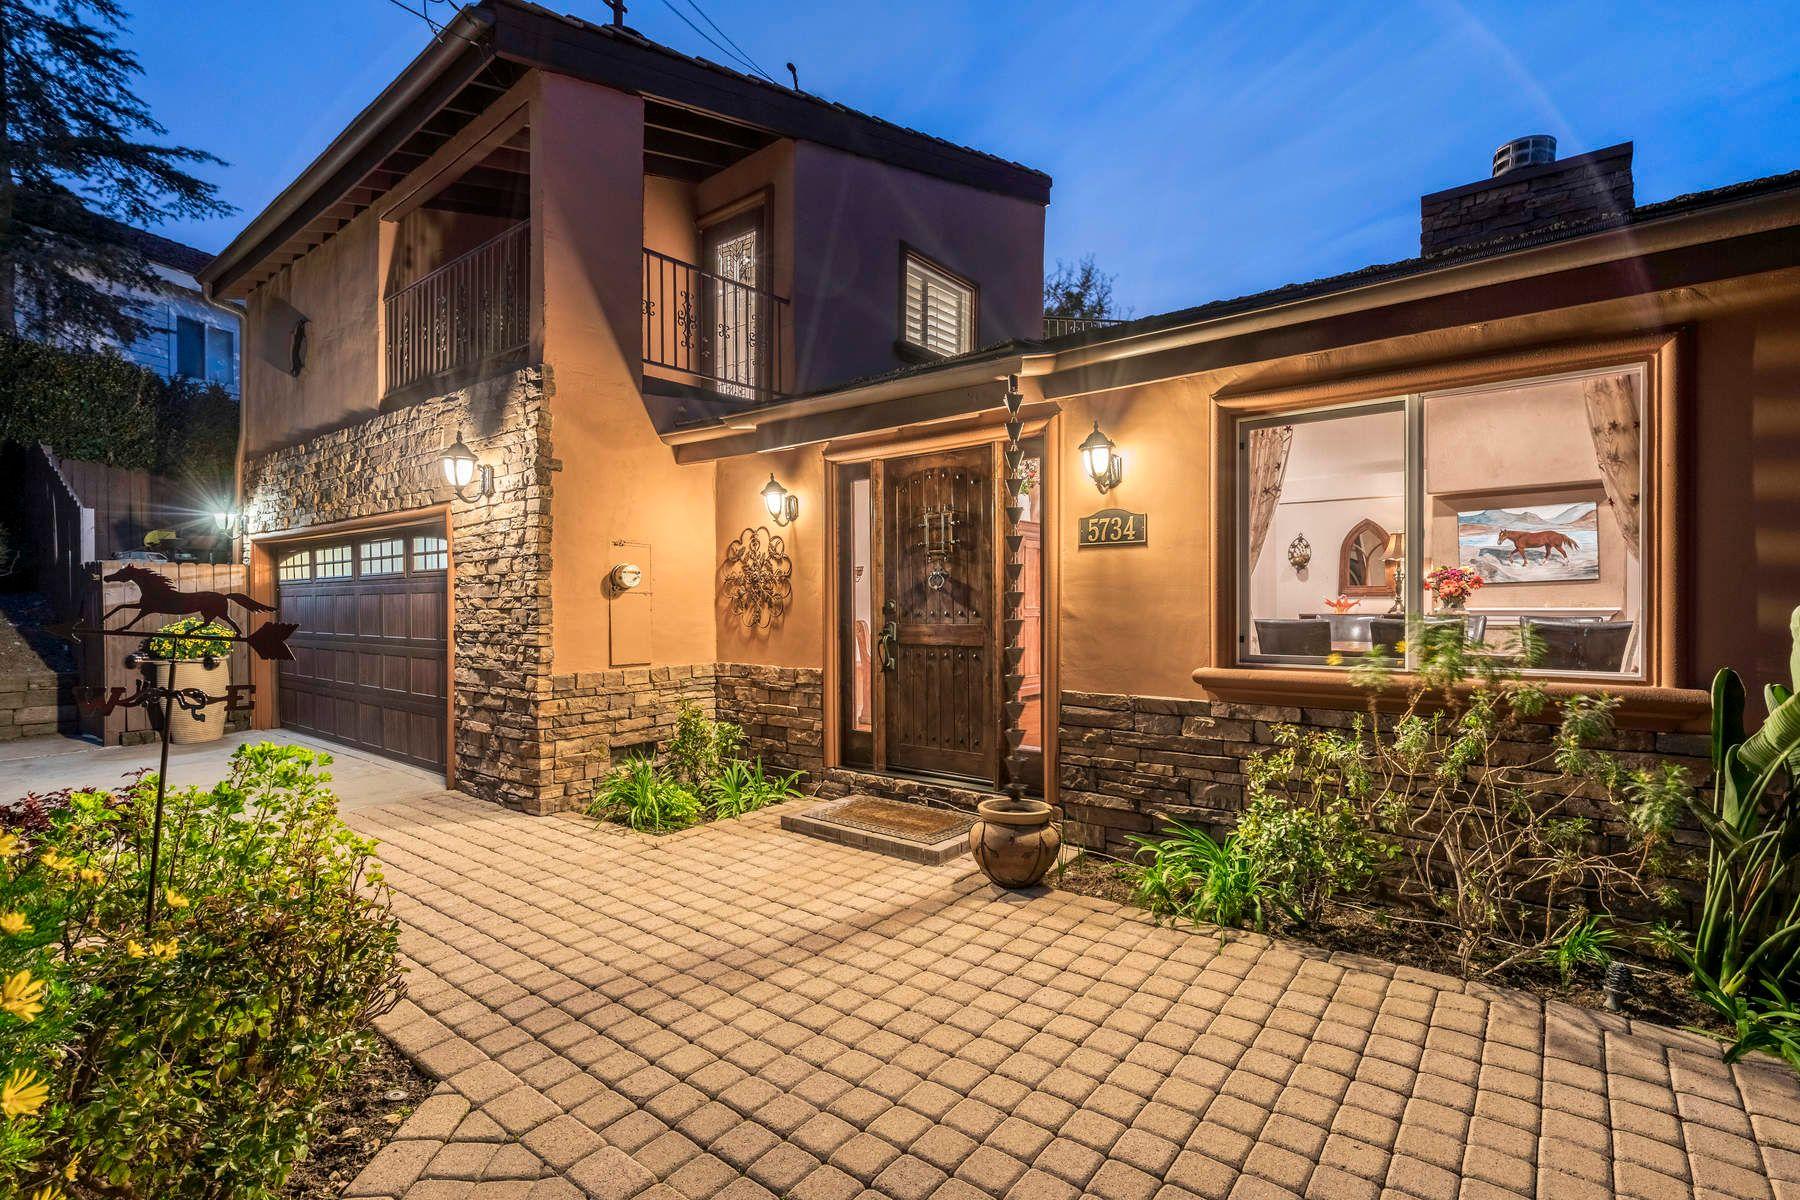 Casa Unifamiliar por un Venta en Tuscan View Property in Old Agoura 5734 Fairview Place Agoura Hills, California 91301 Estados Unidos